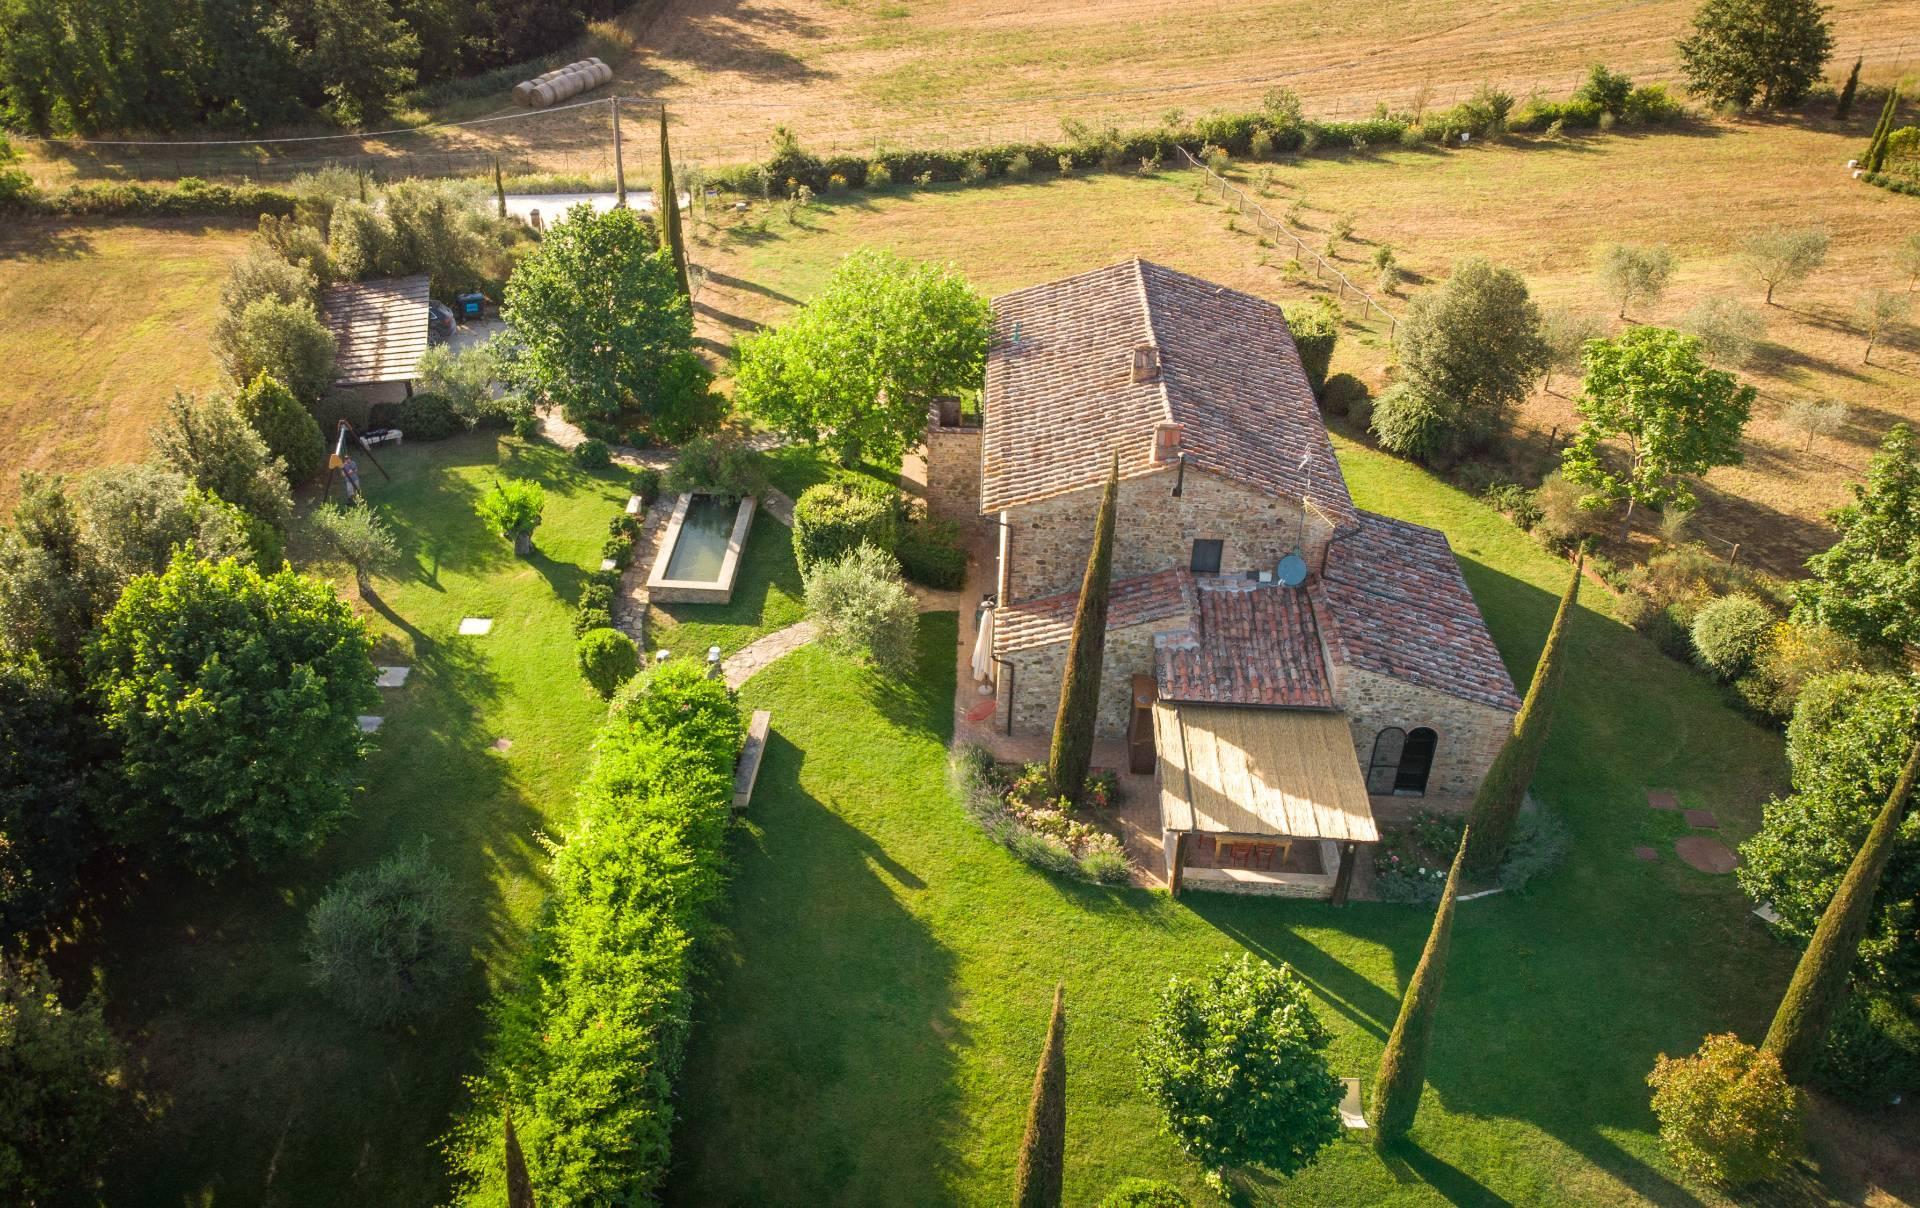 Villa in Vendita a Citta' Della Pieve: 5 locali, 300 mq - Foto 18